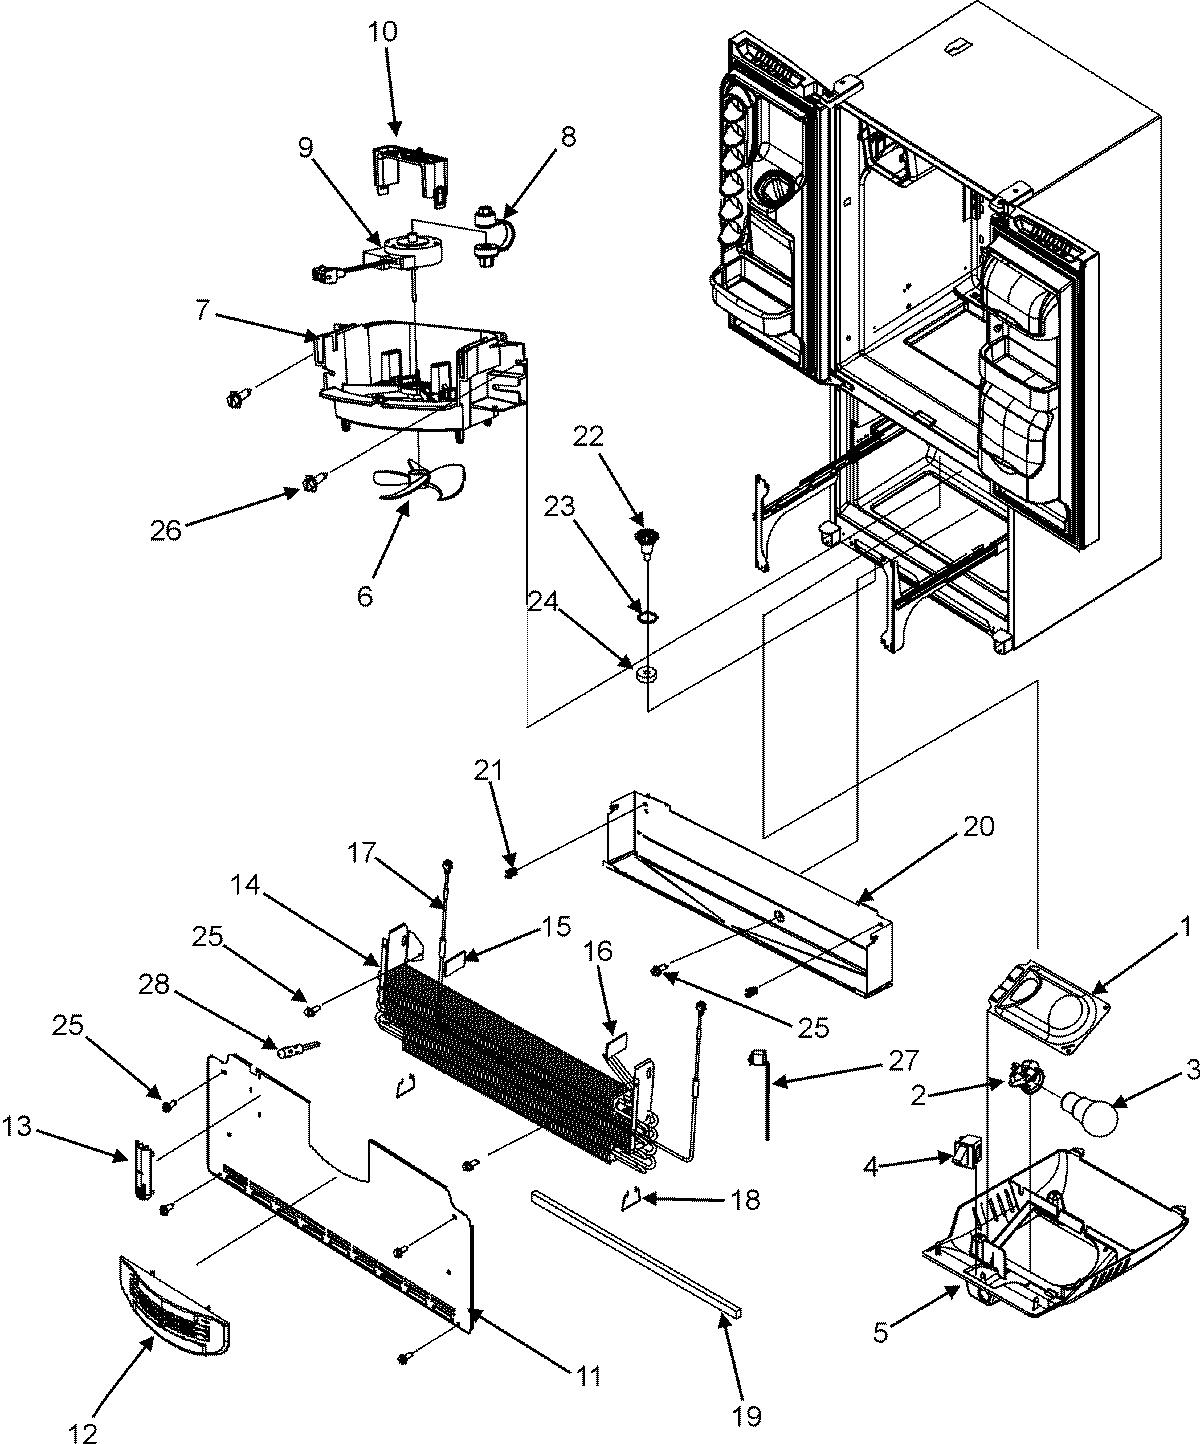 medium resolution of defrosting a maytag refrigerator